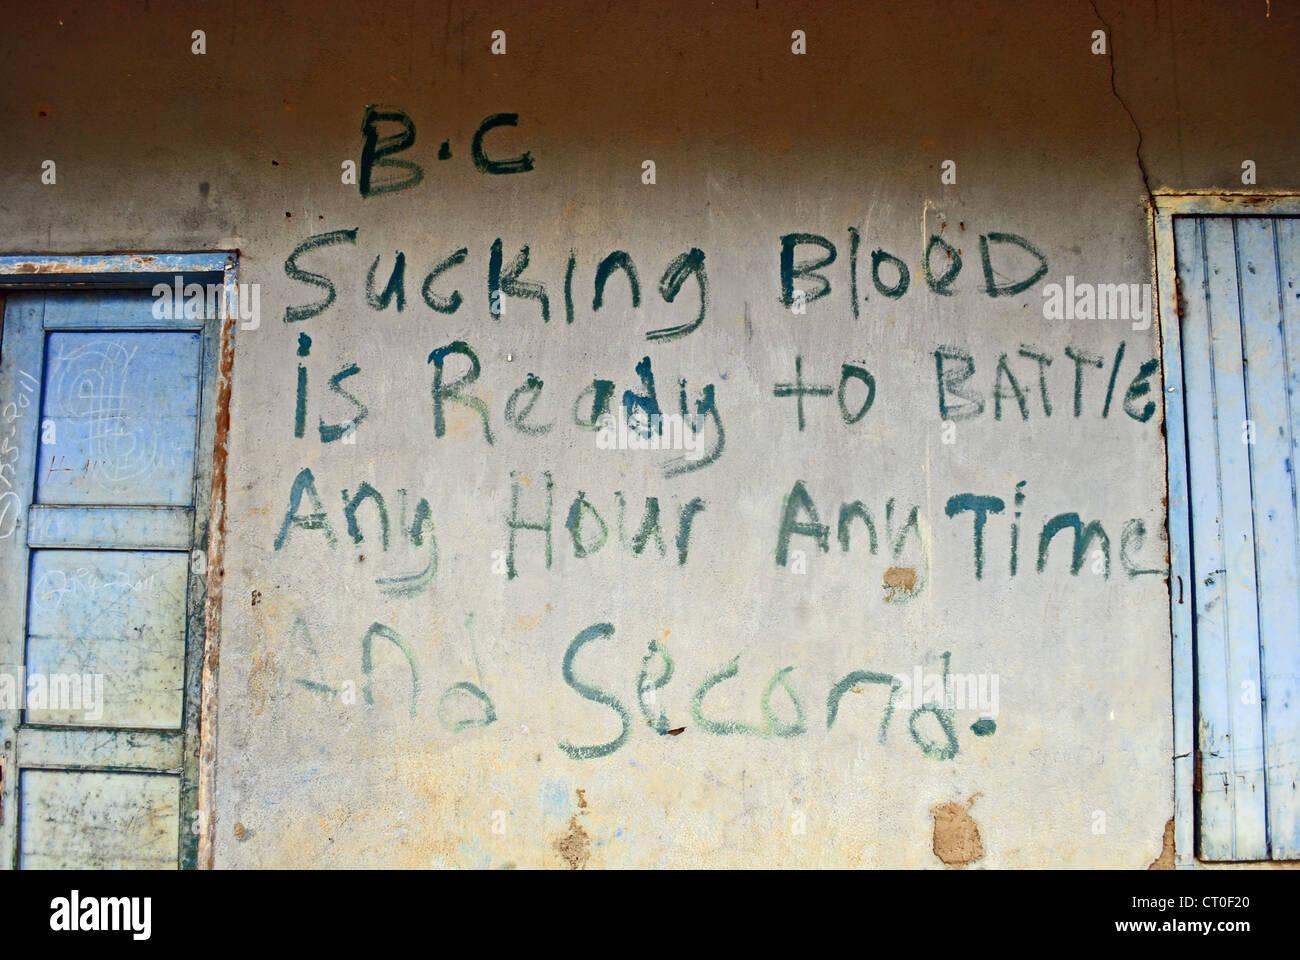 War-graffiti in Bolahun, northern Liberia - Stock Image